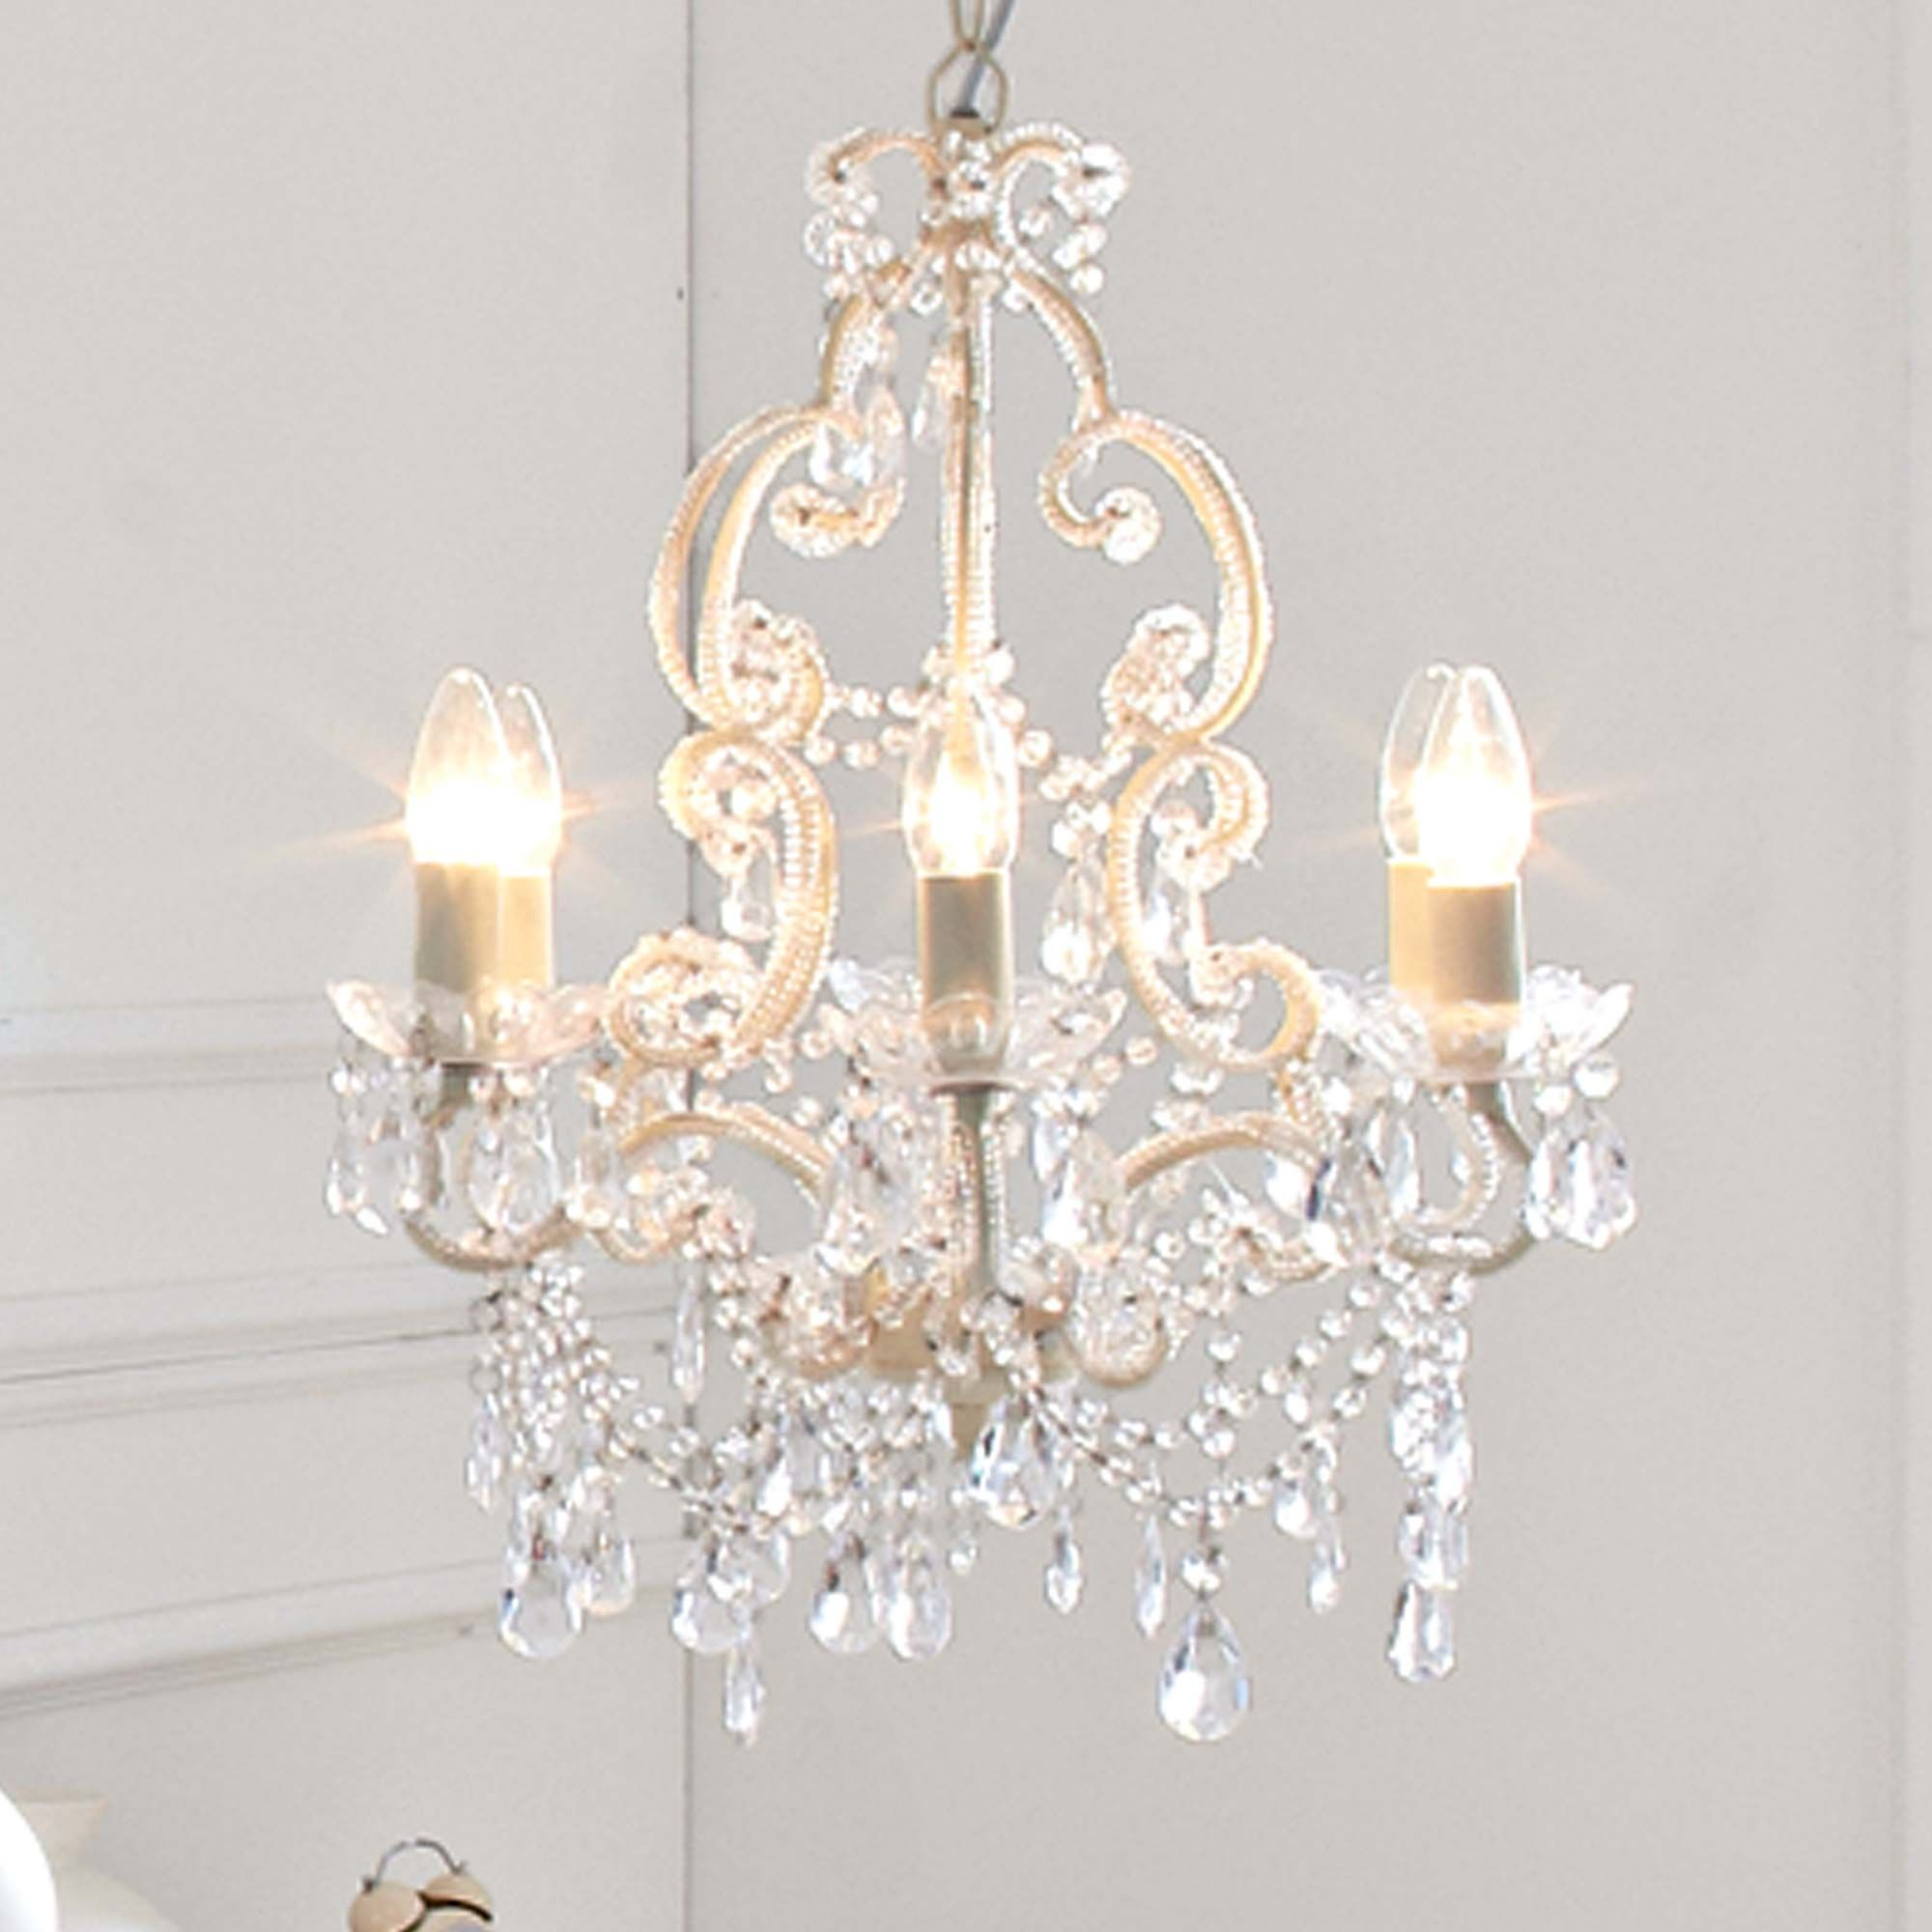 kronleuchter im impressionen online shop vintage style home pinterest chandeliers shabby. Black Bedroom Furniture Sets. Home Design Ideas